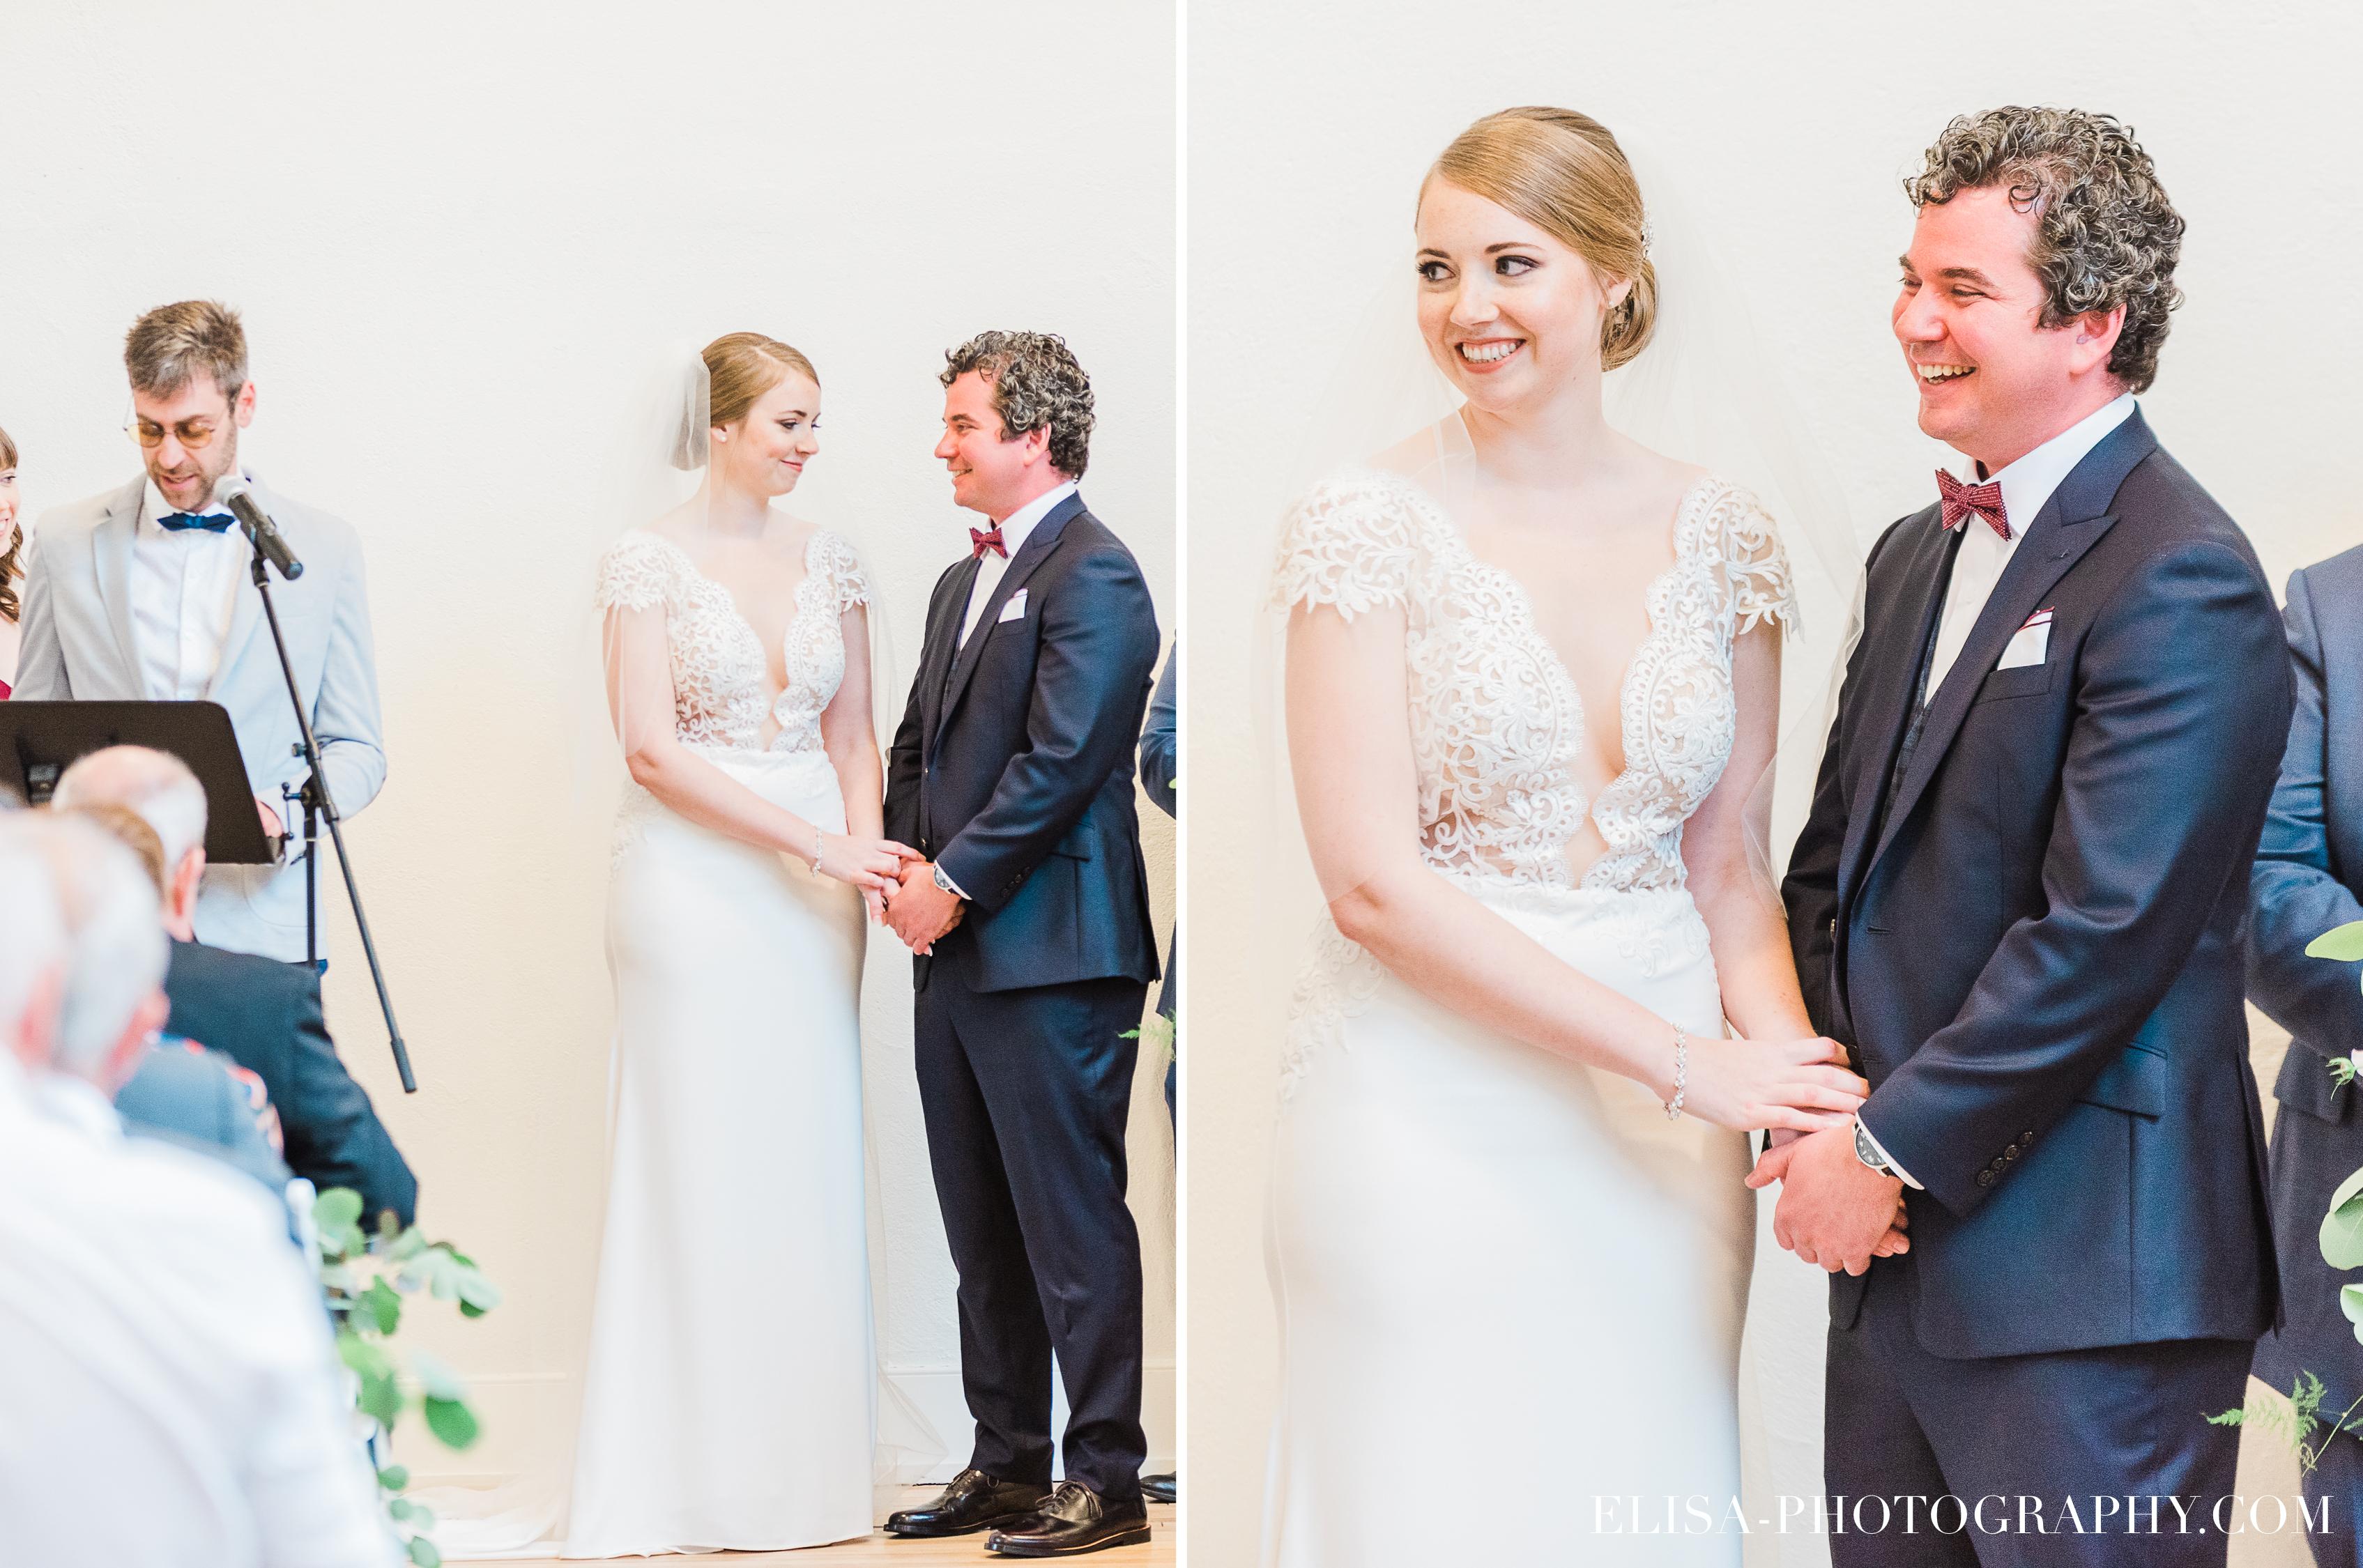 photo mariage ceremonie fleurs table signature domaine cataraqui elisa photographe - Mariage élégant et discret au coeur du magnifique Domaine Cataraqui, Québec